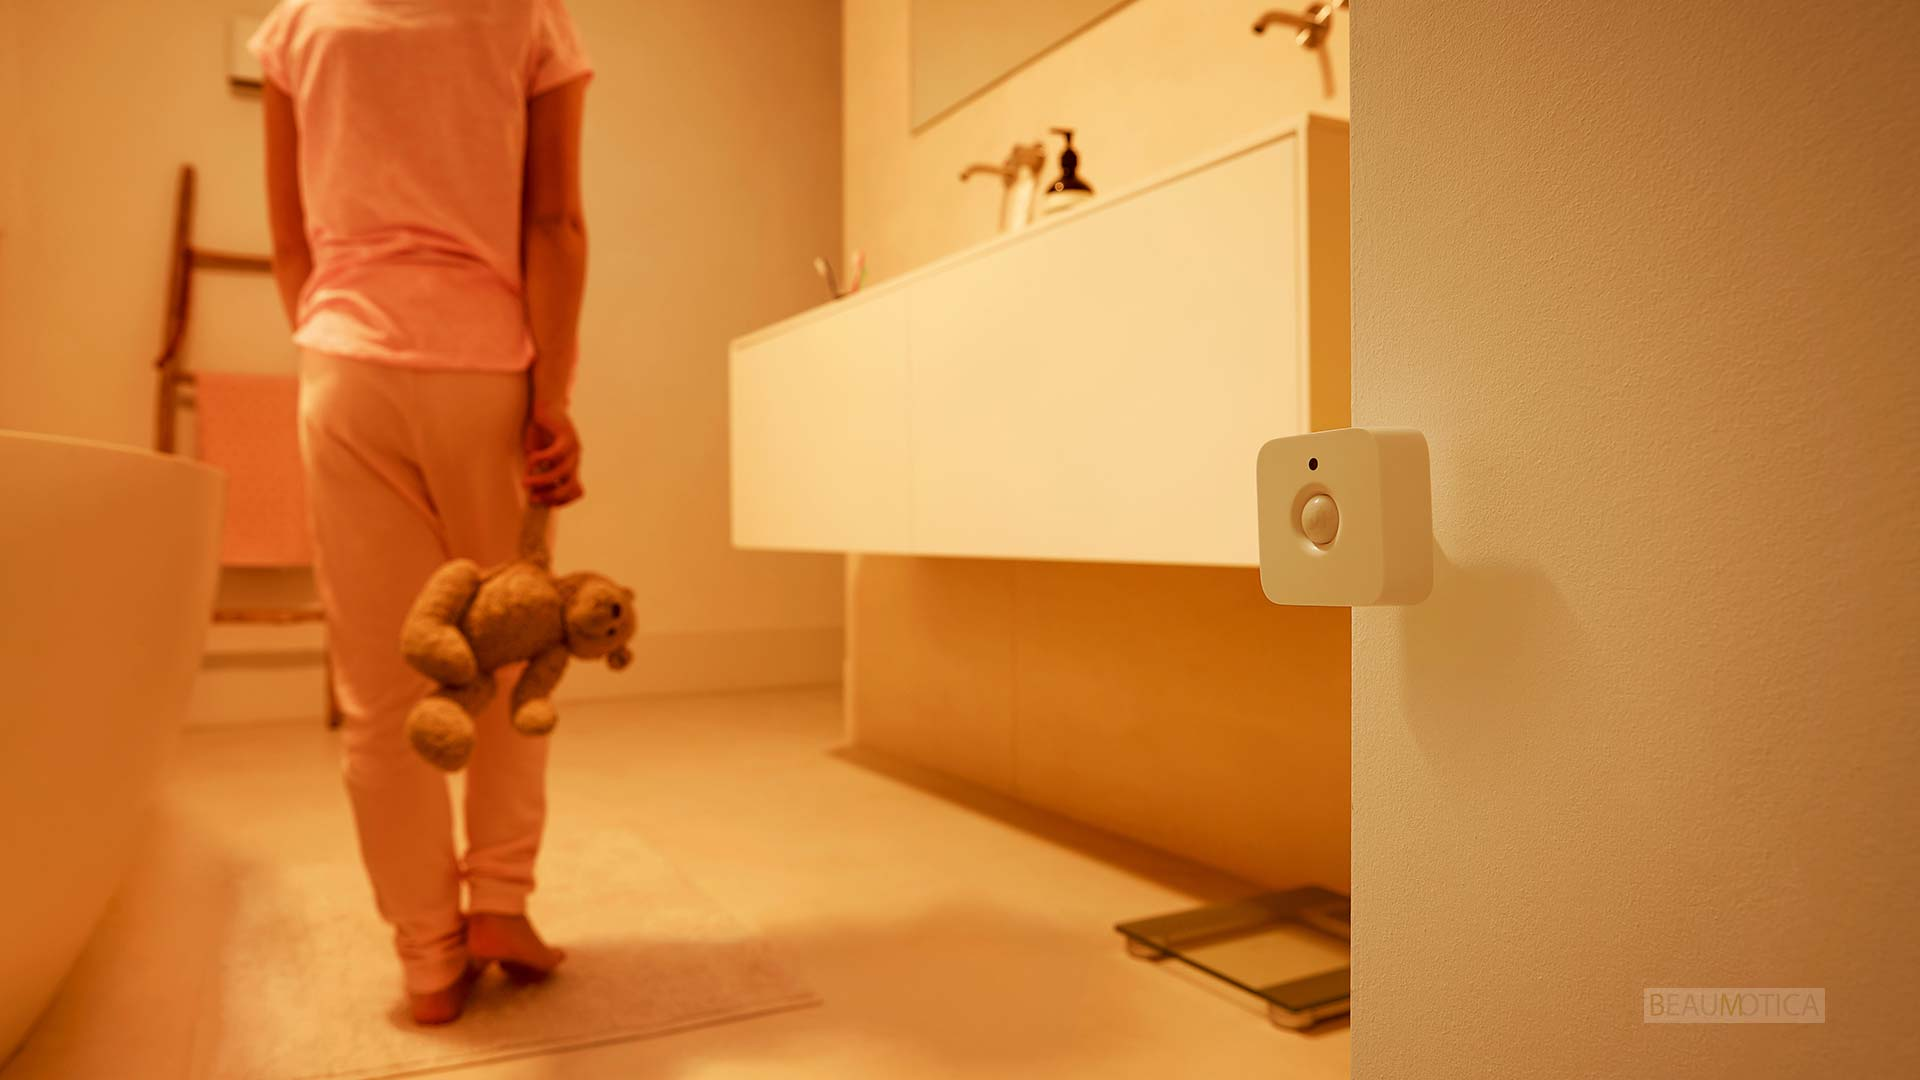 Badkamerverlichting met philips hue philips hue verlichting per